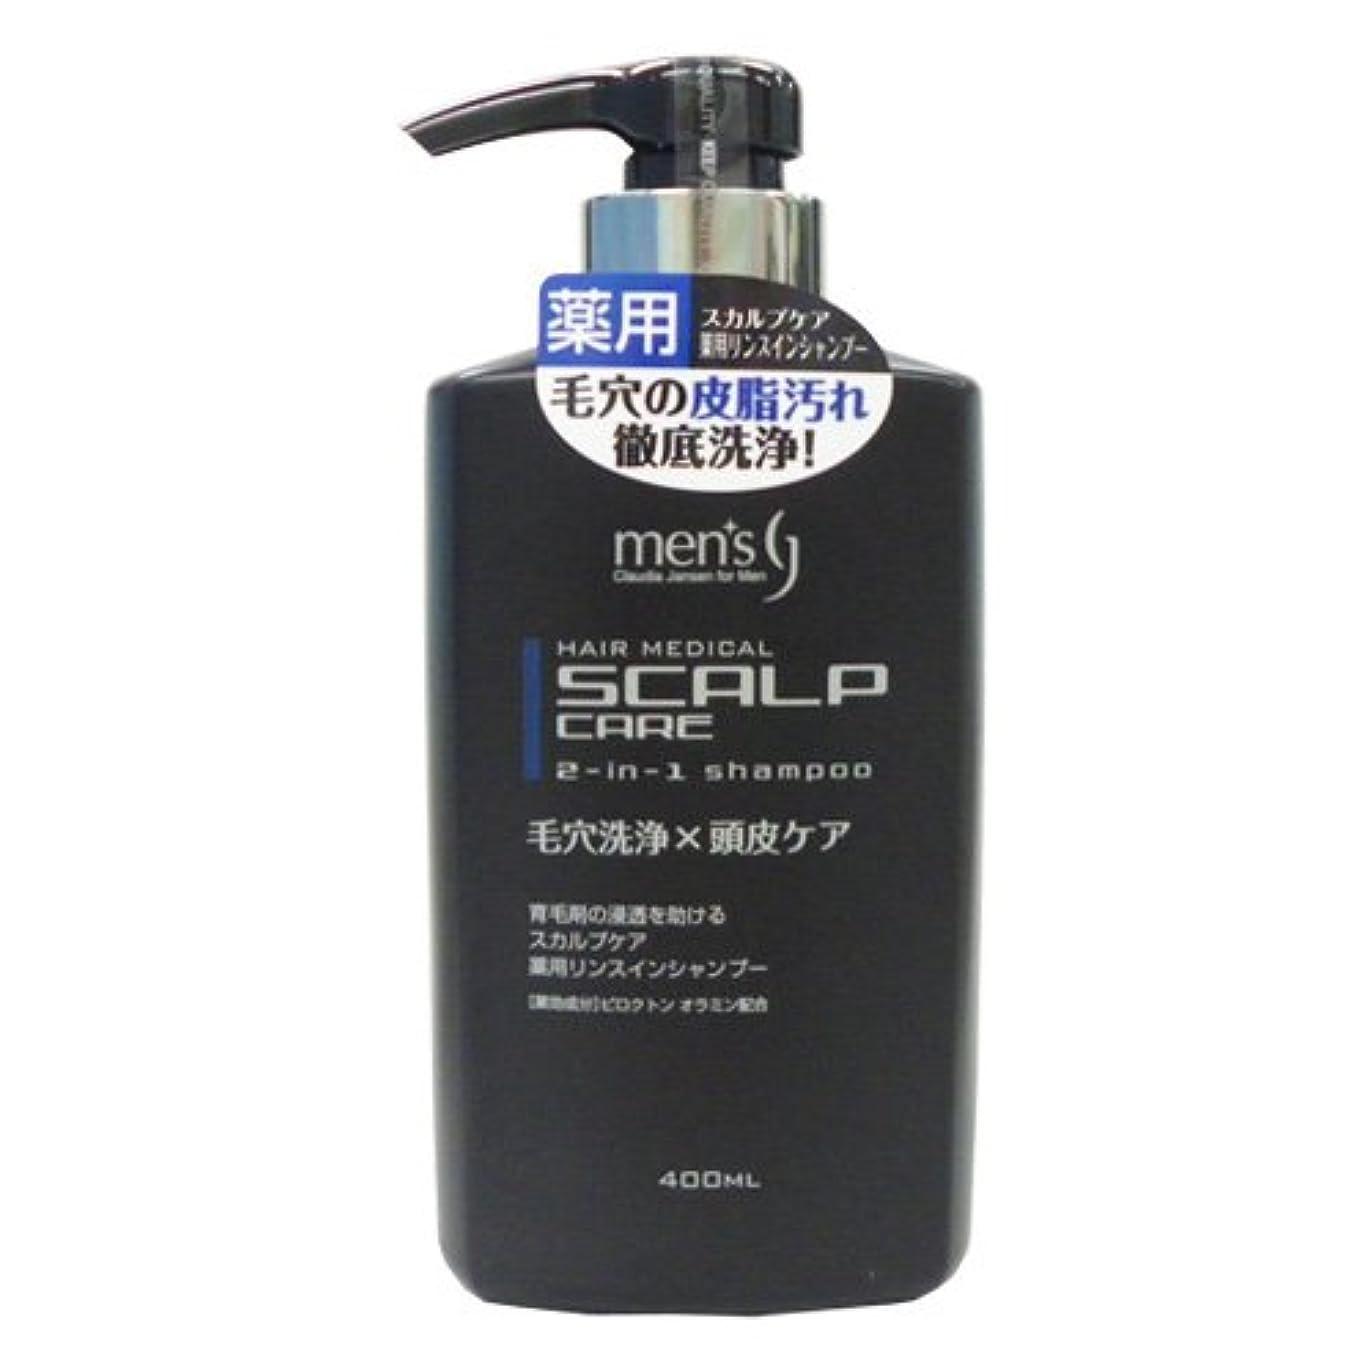 試験思い出させるスラムスカルプケア薬用リンスインシャンプー 400ml 毛穴洗浄×頭皮ケア